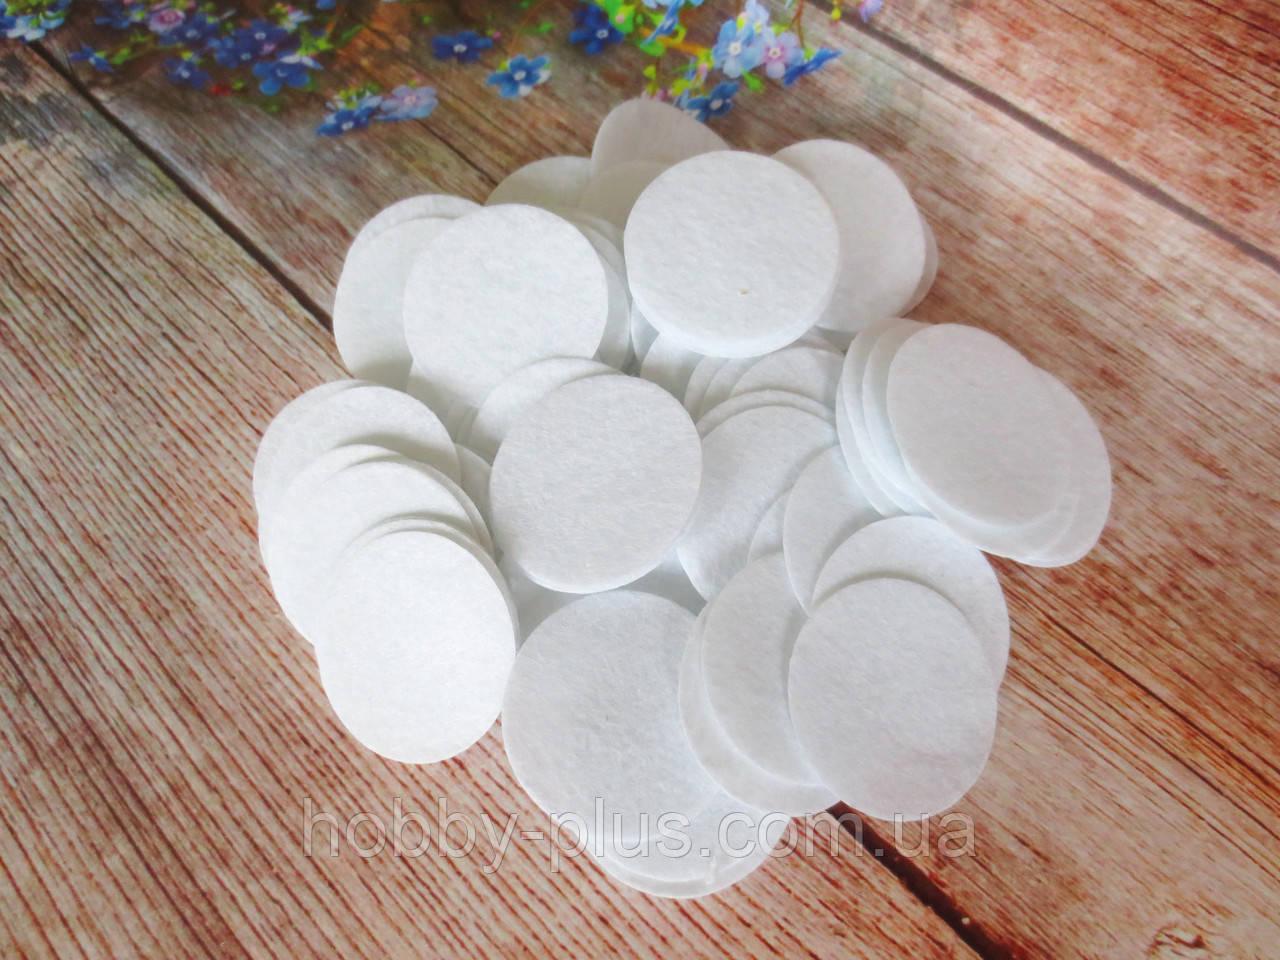 Фетровая заготовка круг, 4 см., цвет белый, 10 грамм, ~55 шт.